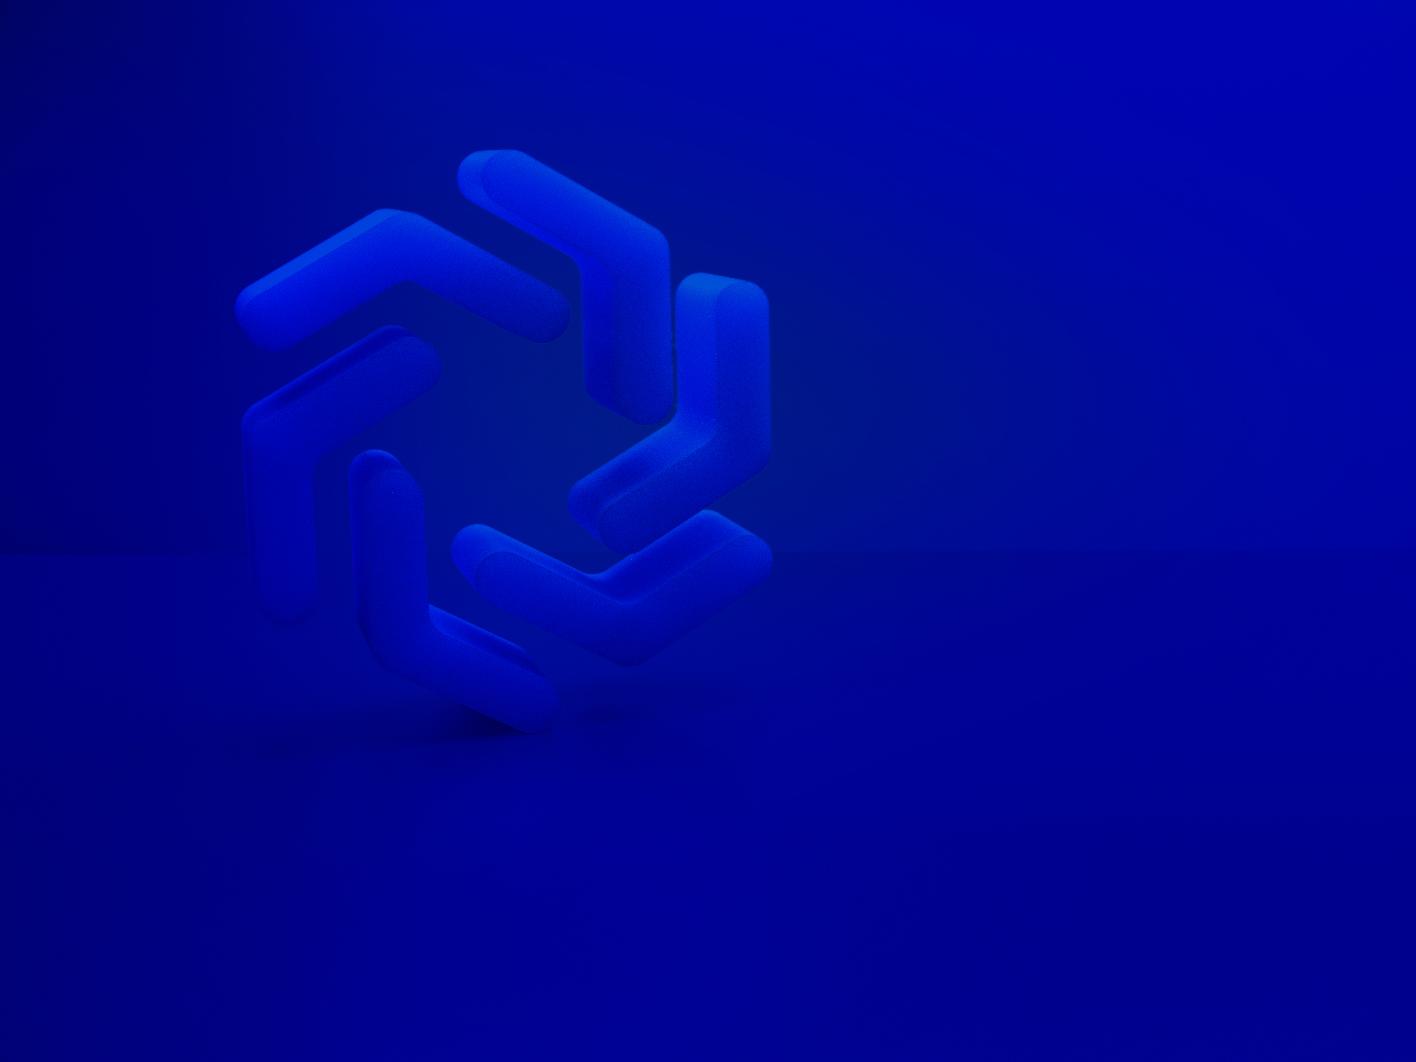 Icon Treynet ui branding logo render blue 3d treynet